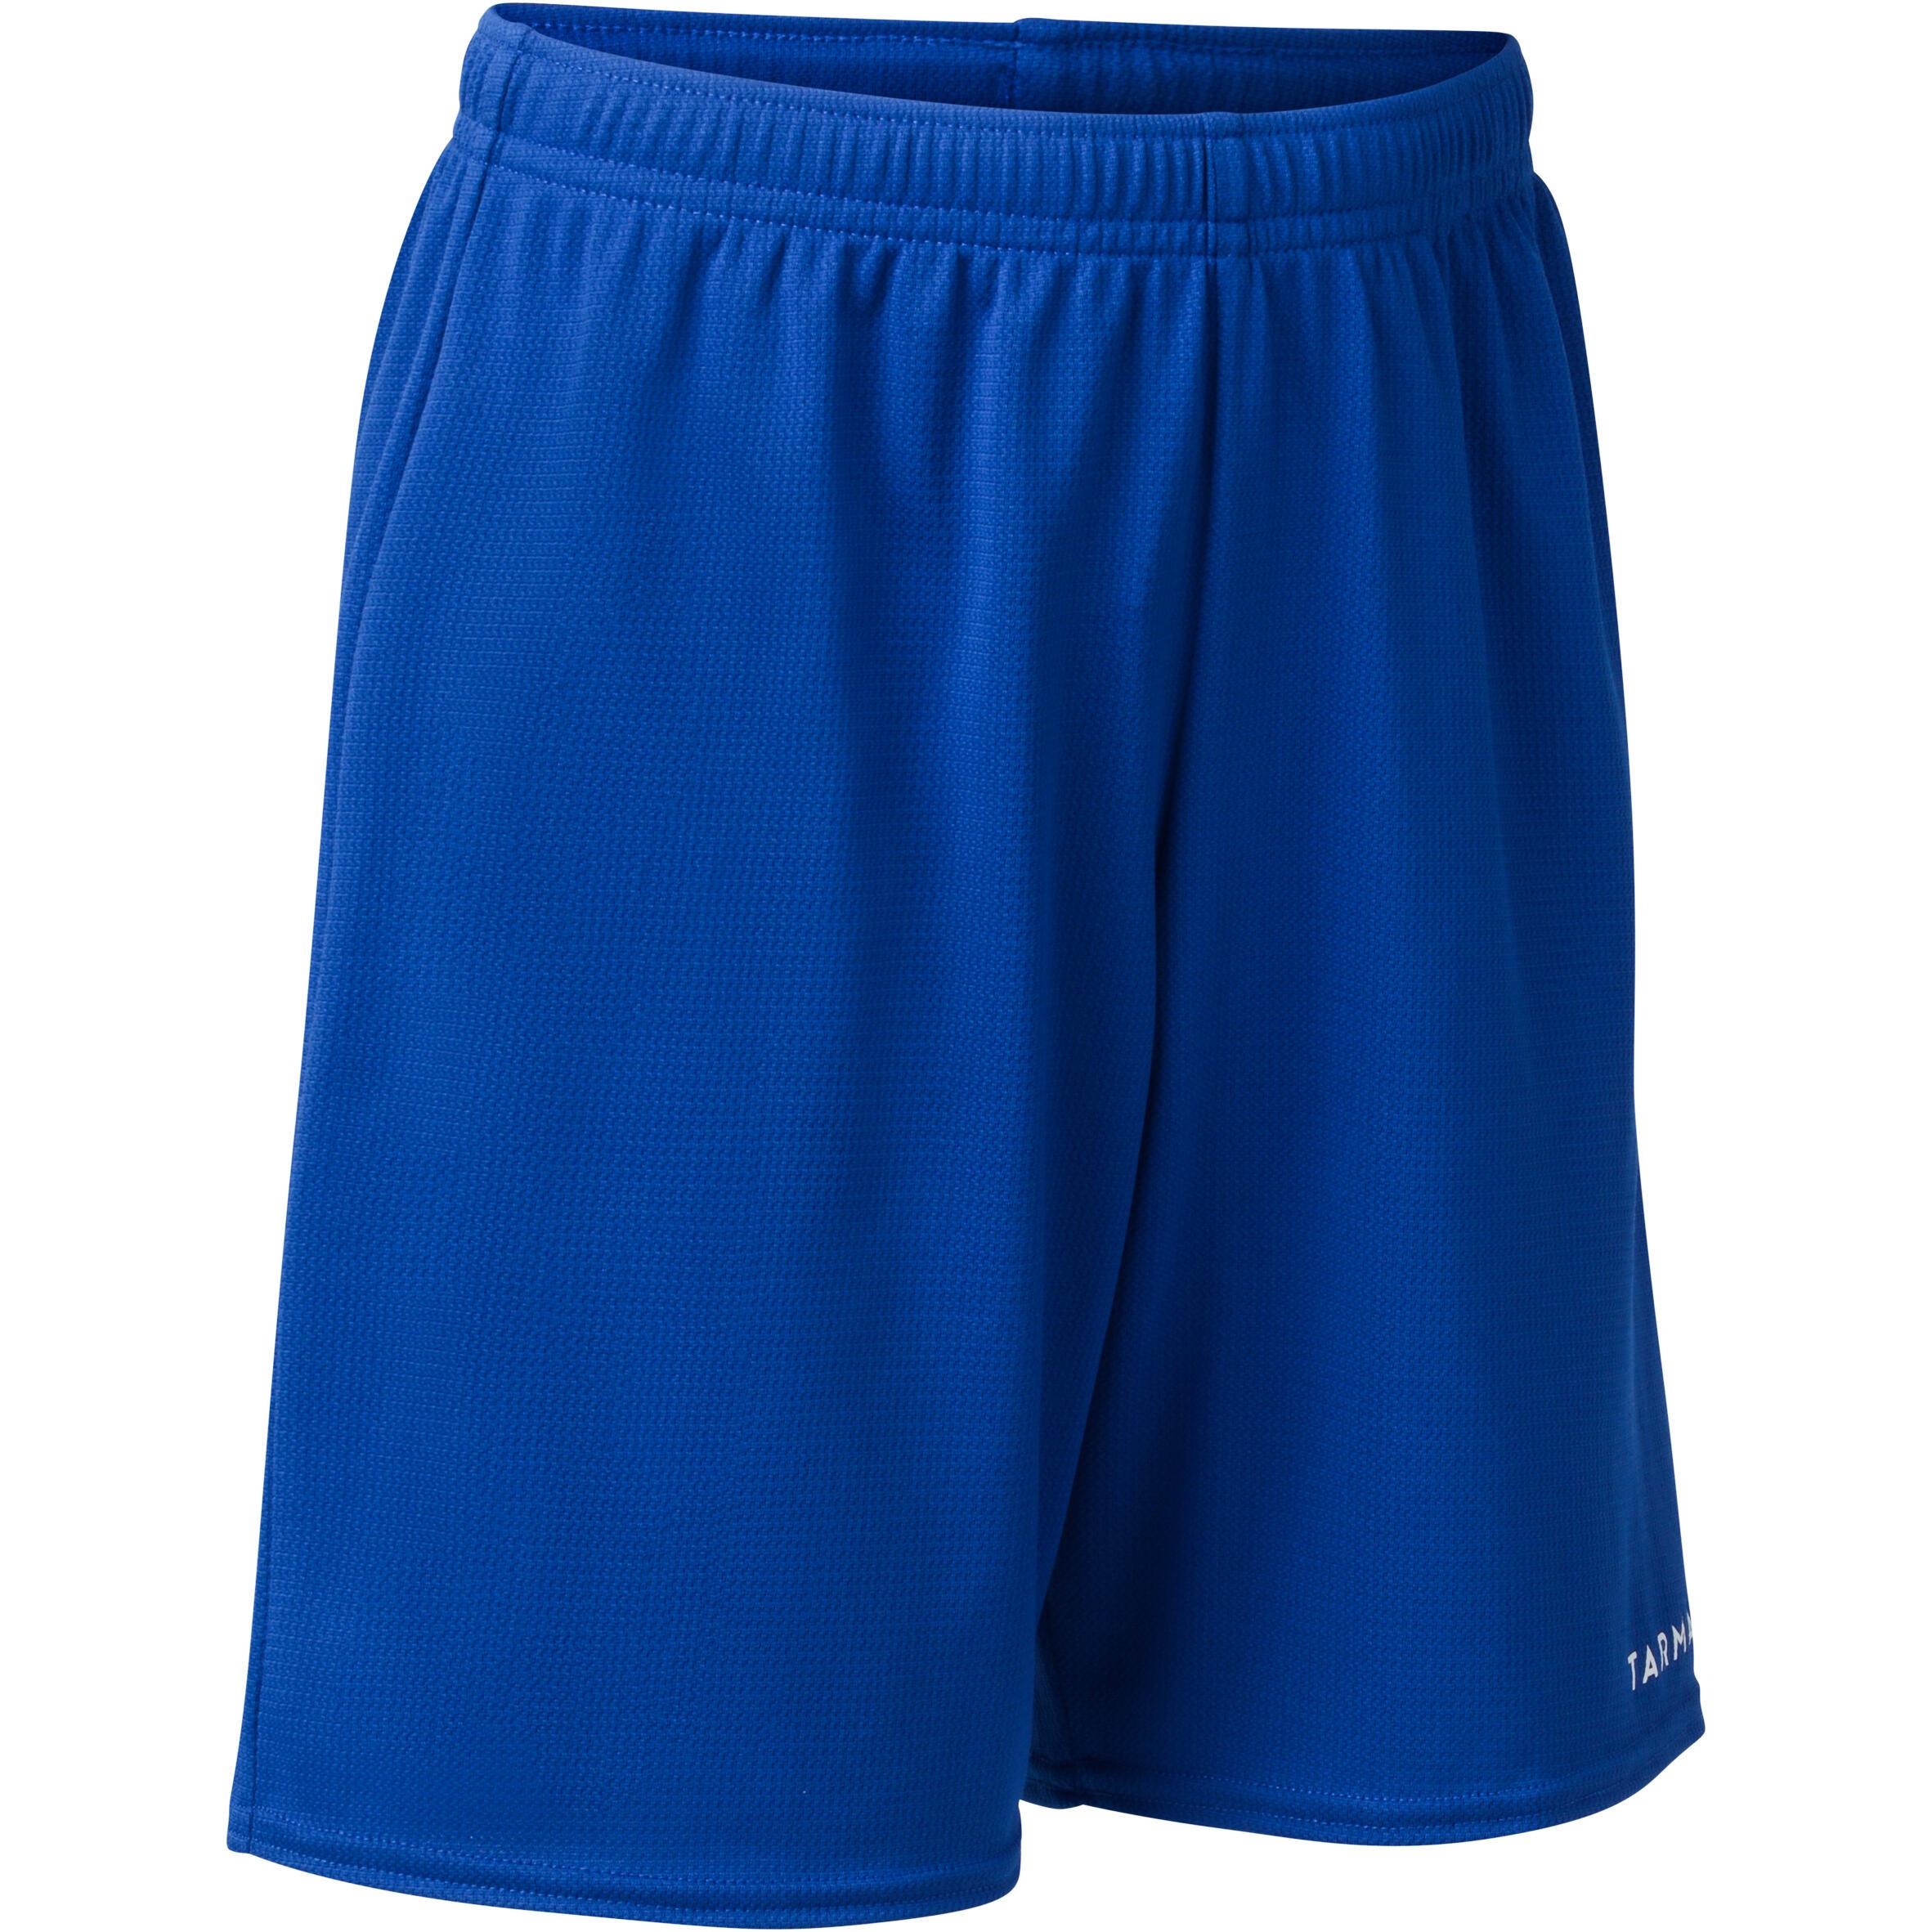 Short de basketball pour garconfille debutante bleu sh100 tarmak